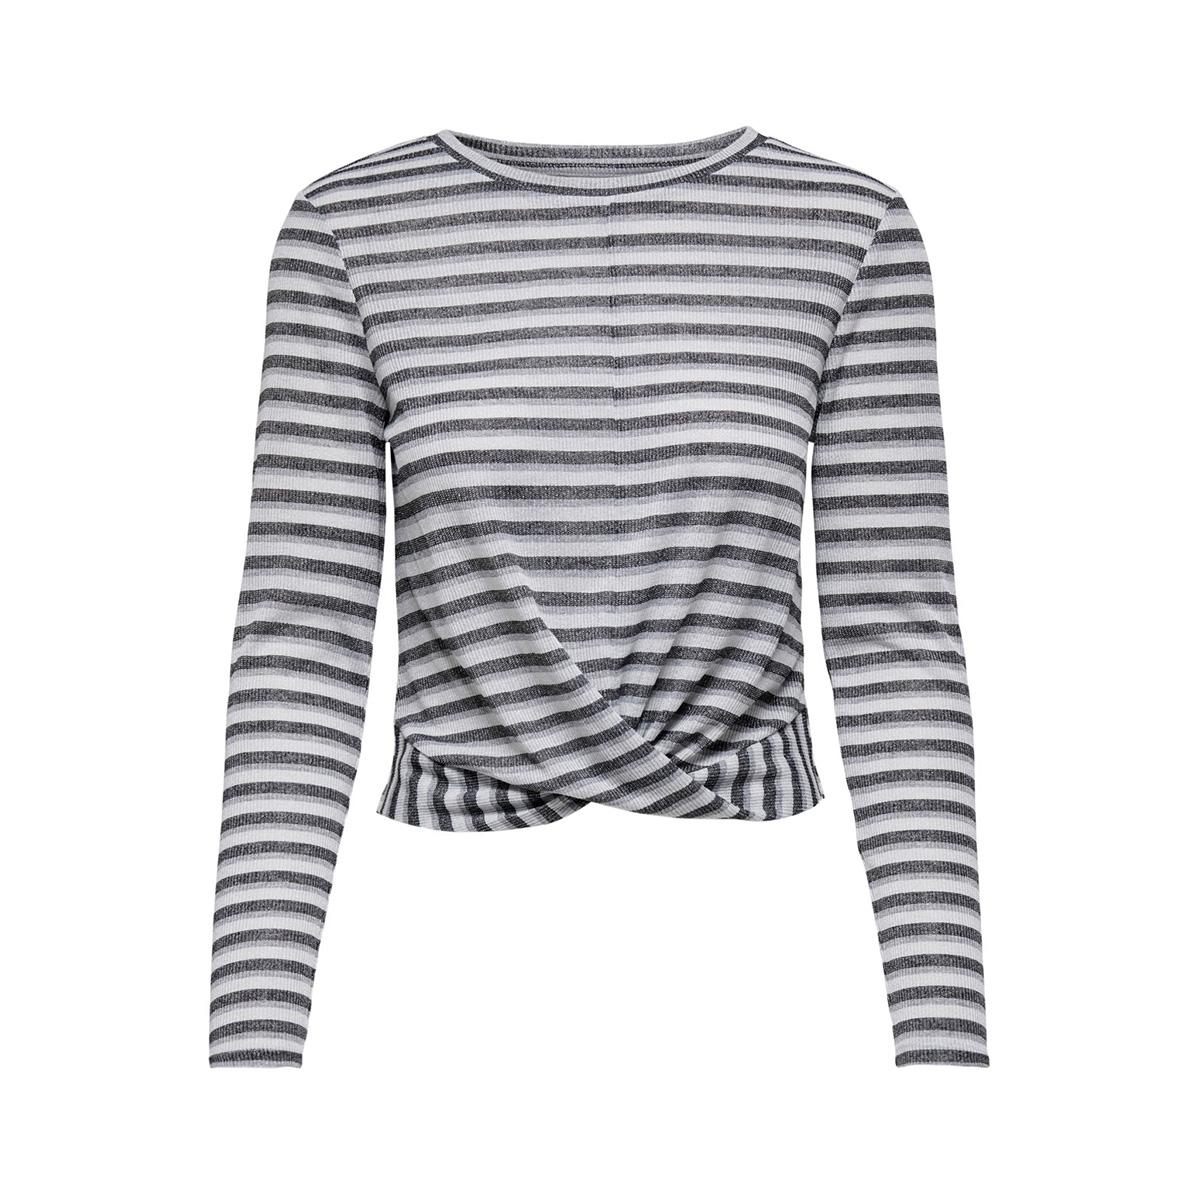 jdycille l/s top jrs 15184117 jacqueline de yong t-shirt cloud dancer/black and